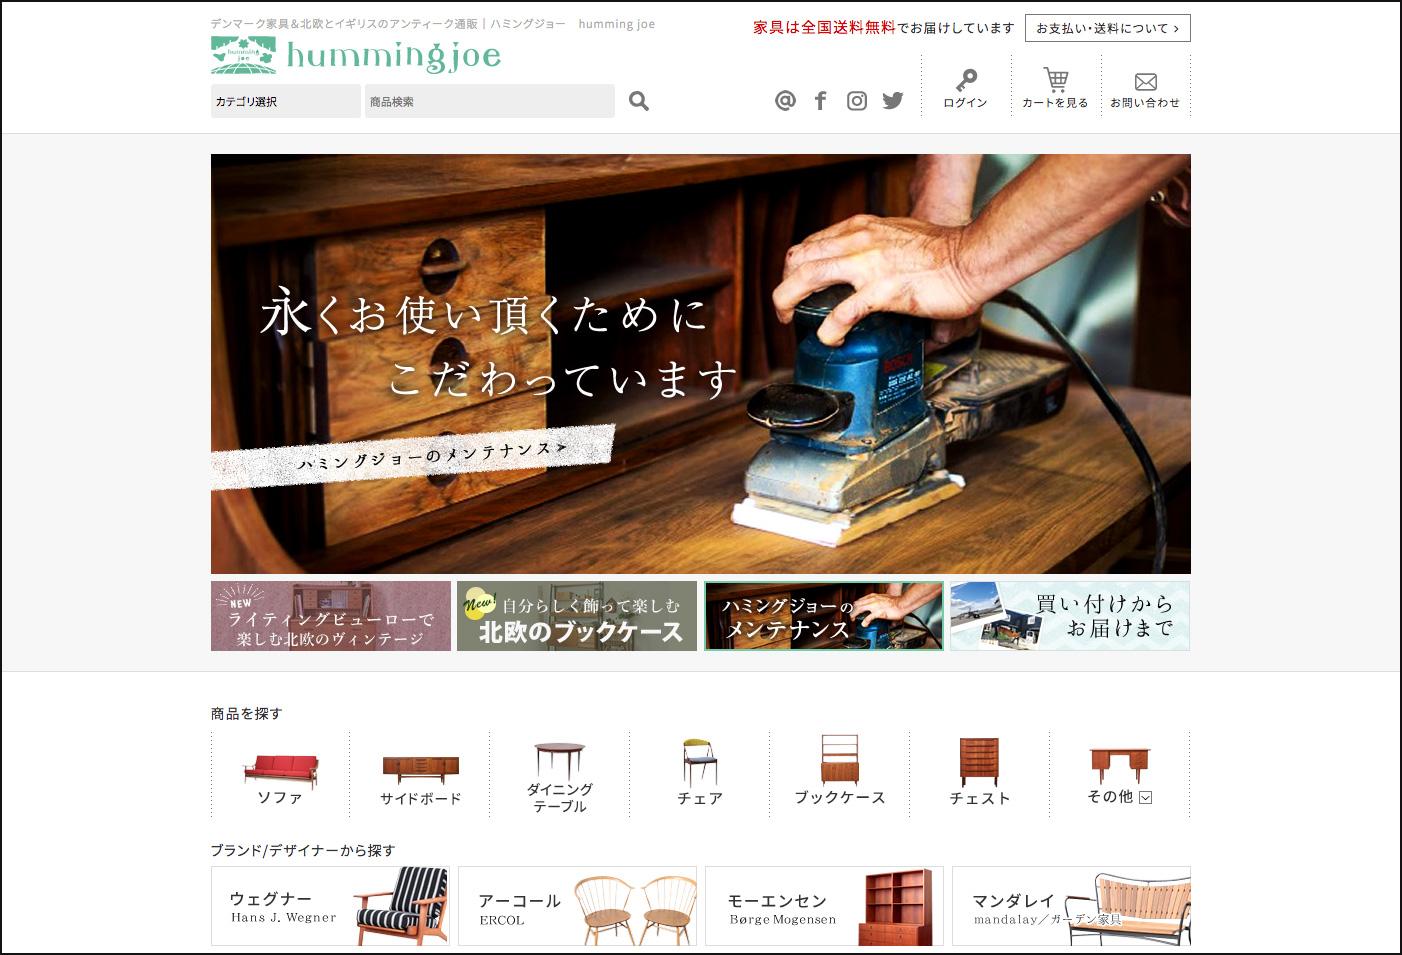 ハミングジョーオフィシャルサイト